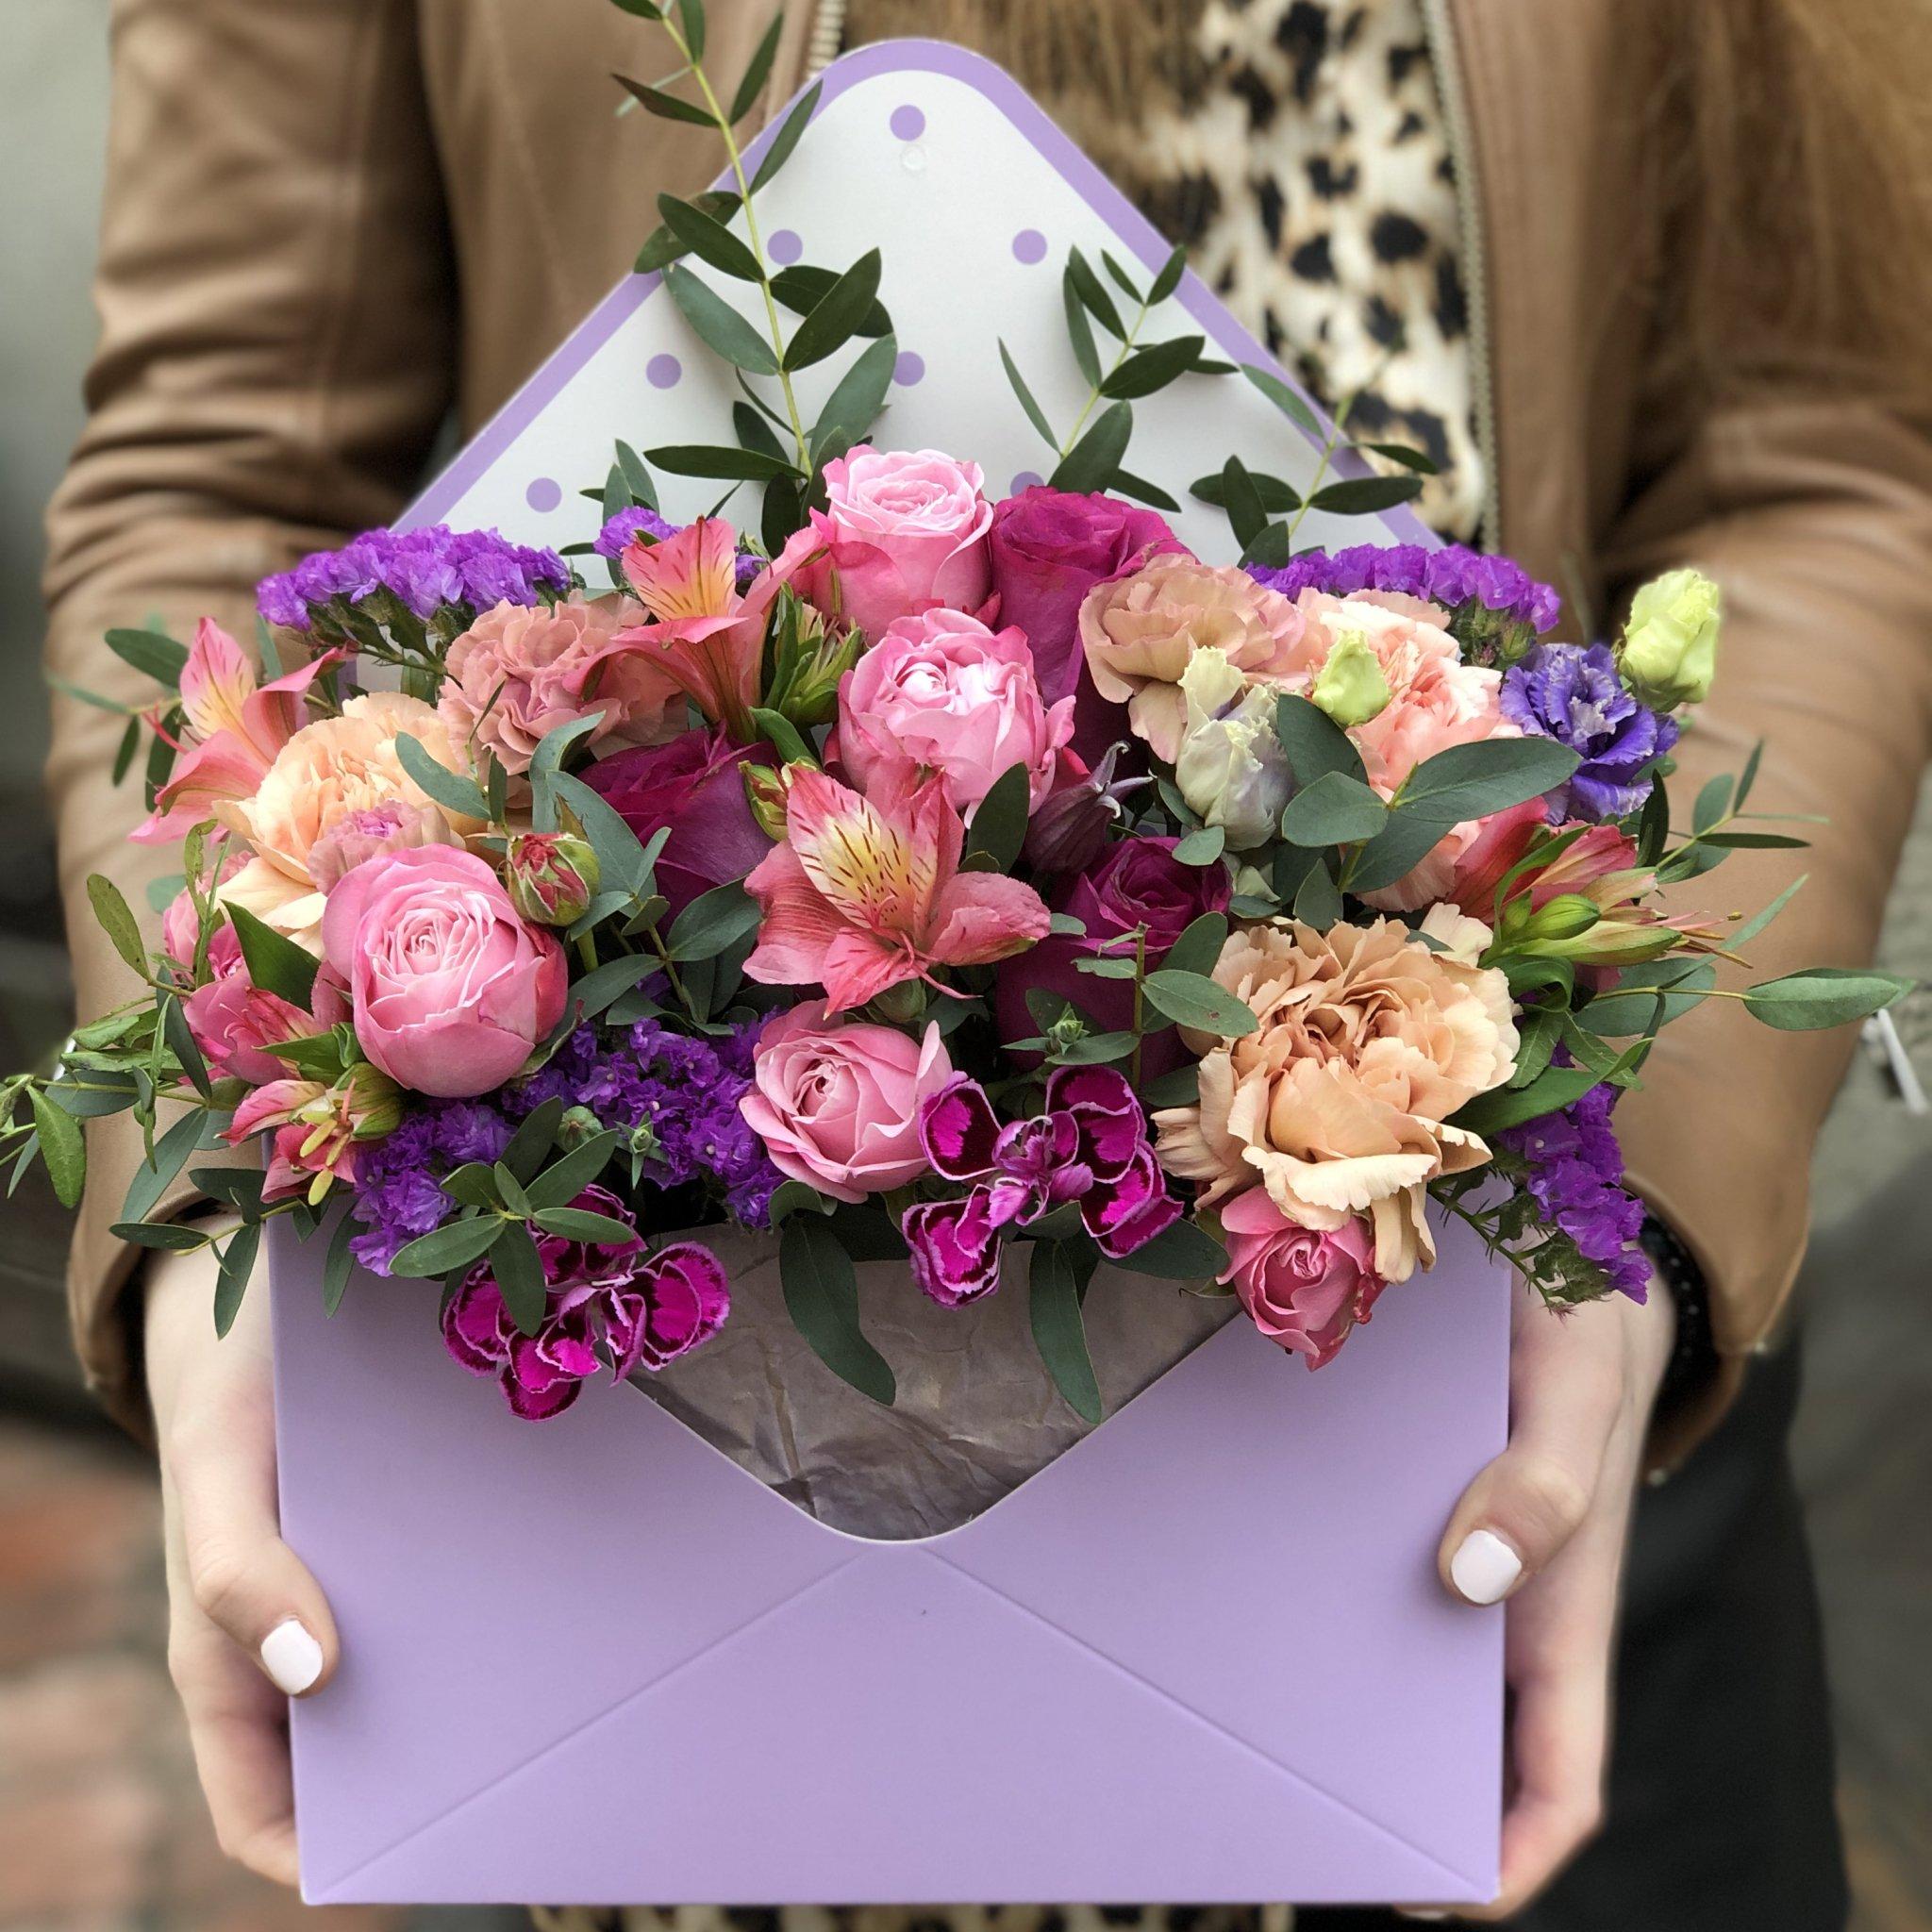 Минске купить, доставка цветов сюрпризов подарок спб